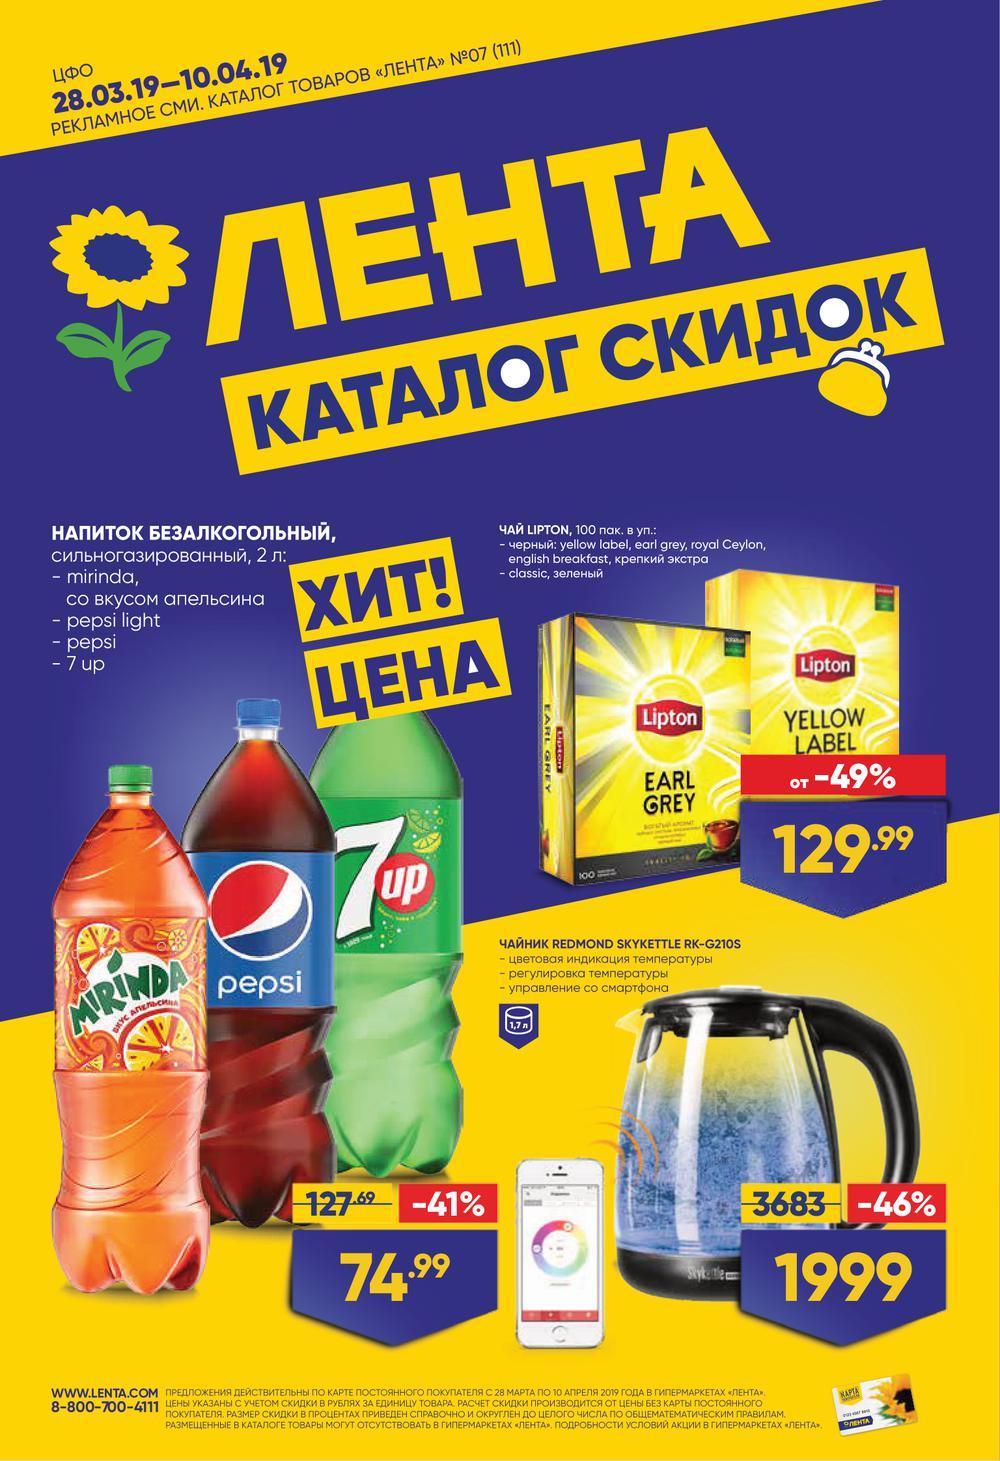 Лента Онлайн Магазин Москва